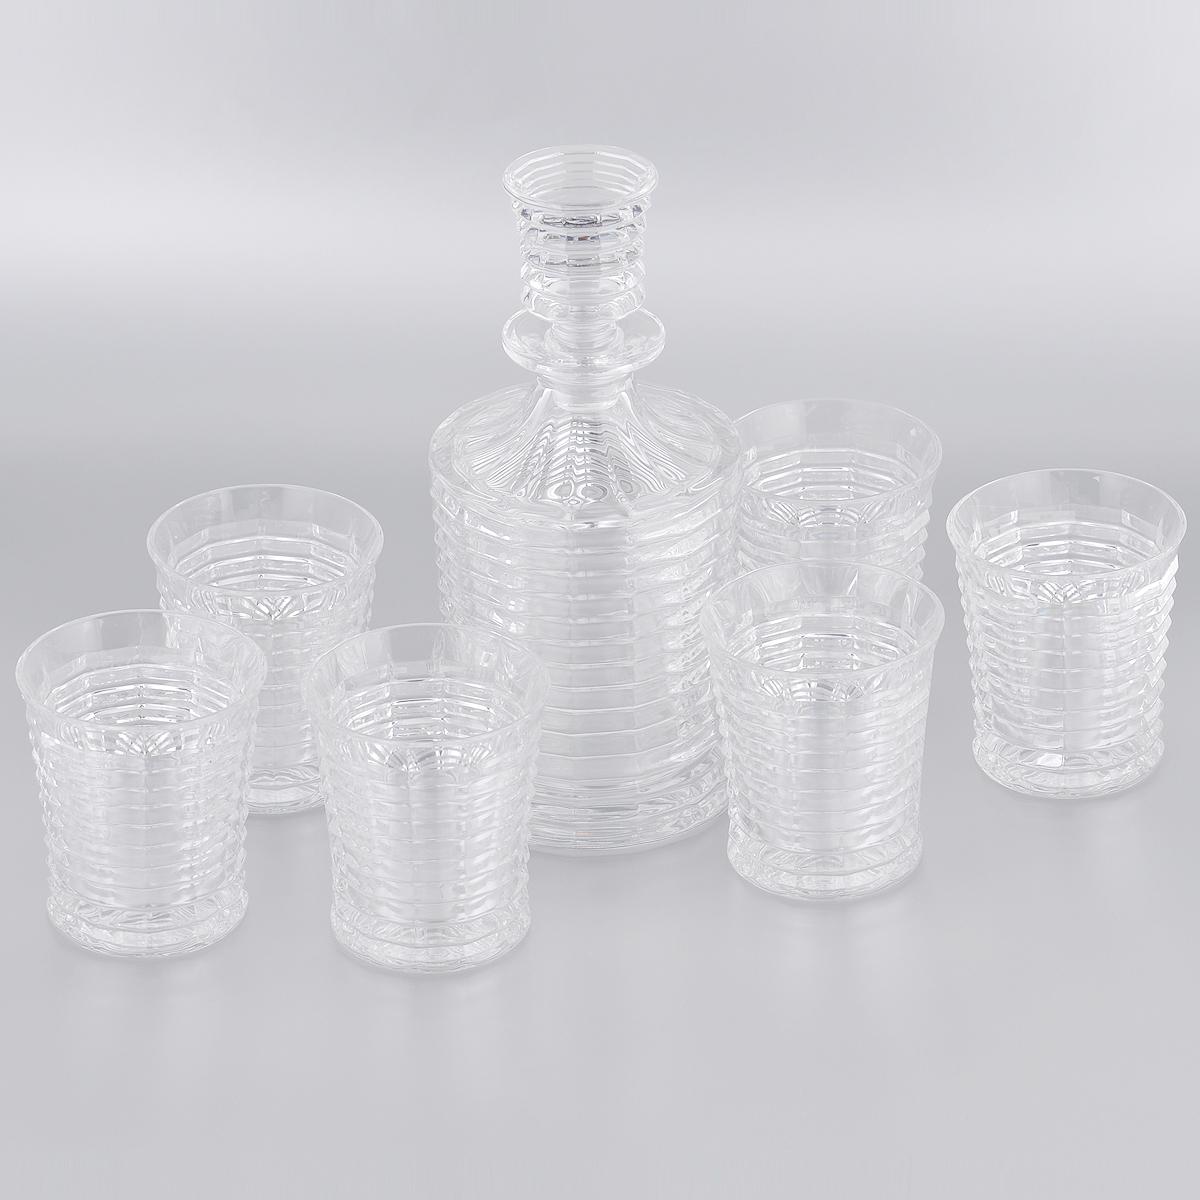 Набор для виски Crystal Bohemia, 7 предметов. 990/99999/9/47600/792-709990/99999/9/47600/792-709Набор Crystal Bohemia состоит из штофа и шести стаканов. Изделия выполнены из хрусталя. Предметы набора декорированы рельефным рисунком. Они излучают приятный блеск и издают мелодичный звон. Набор предназначен для виски. Набор для виски Crystal Bohemia прекрасно оформит интерьер кабинета или гостиной и станет отличным дополнением бара. Такой набор также станет хорошим подарком к любому случаю. Количество стаканов: 6 шт.Диаметр стакана (по верхнему краю): 8,5 см. Высота стакана: 10 см. Объем стакана: 300 мл. Высота штофа (с пробкой): 25,5 см. Объем штофа: 700 мл.